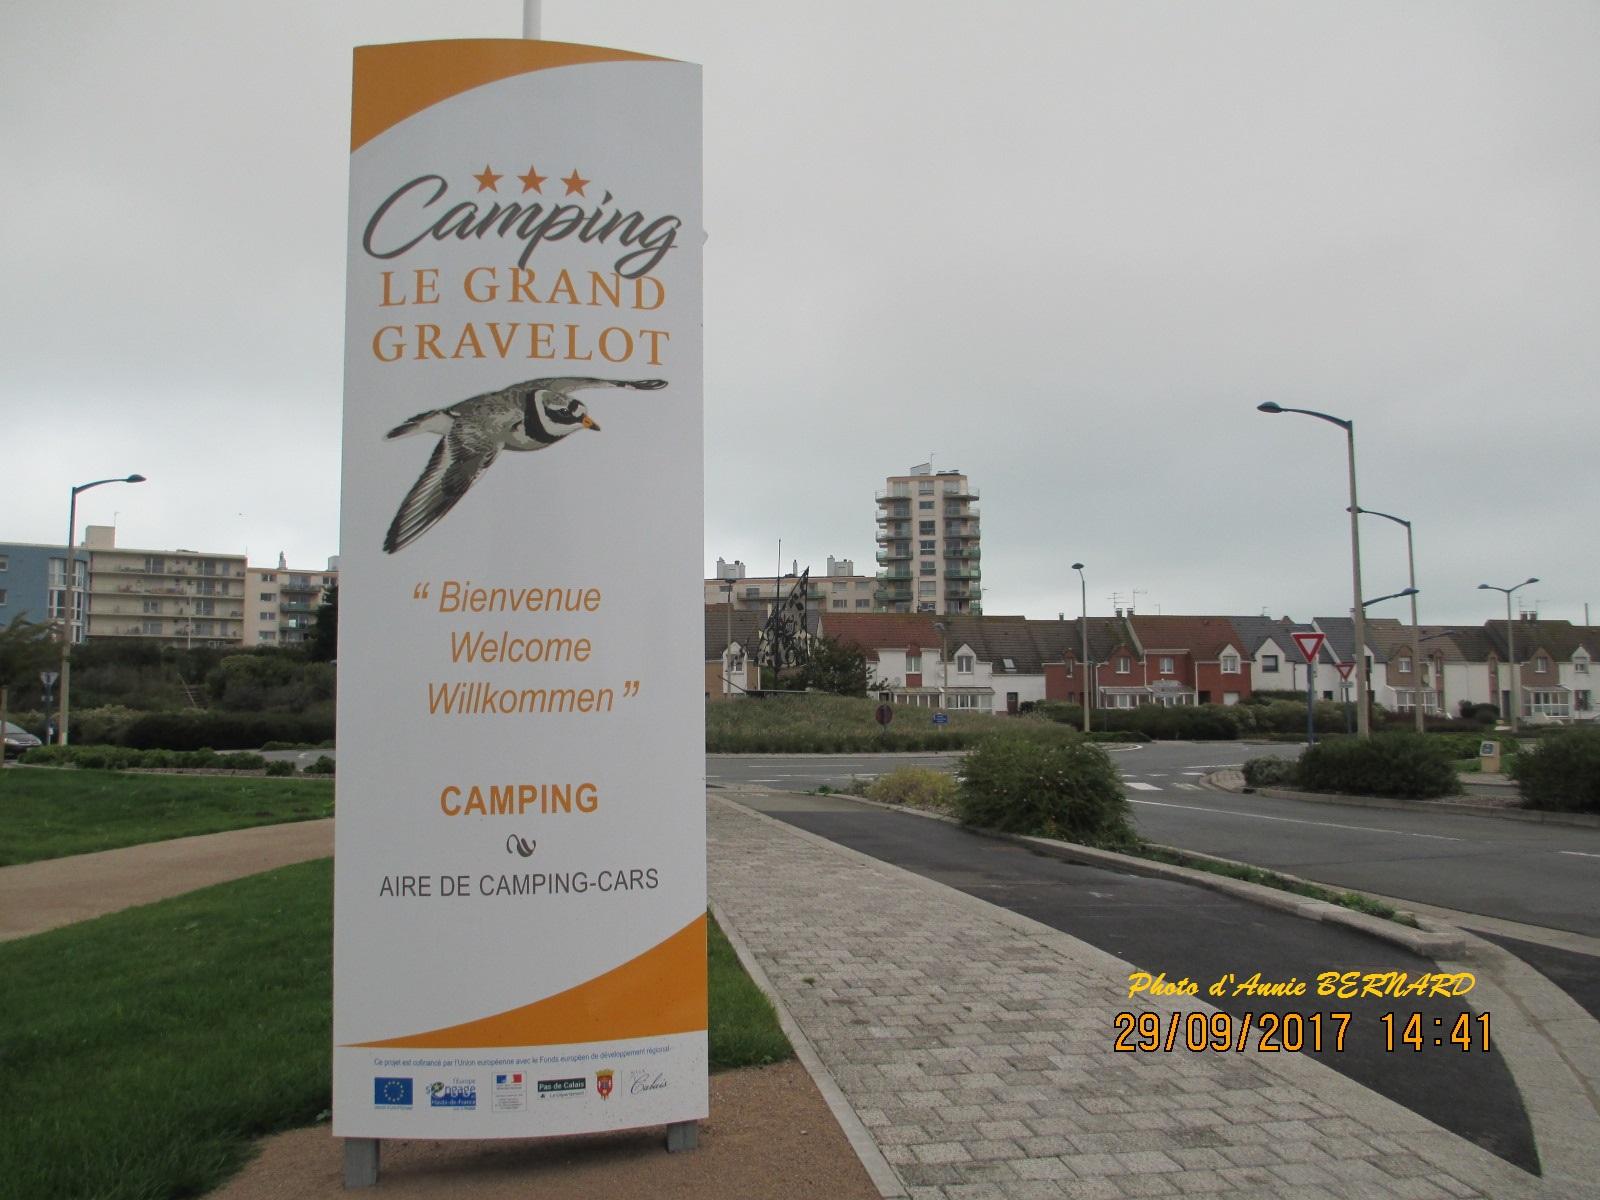 Camping municipal : le Gravelot à Calais